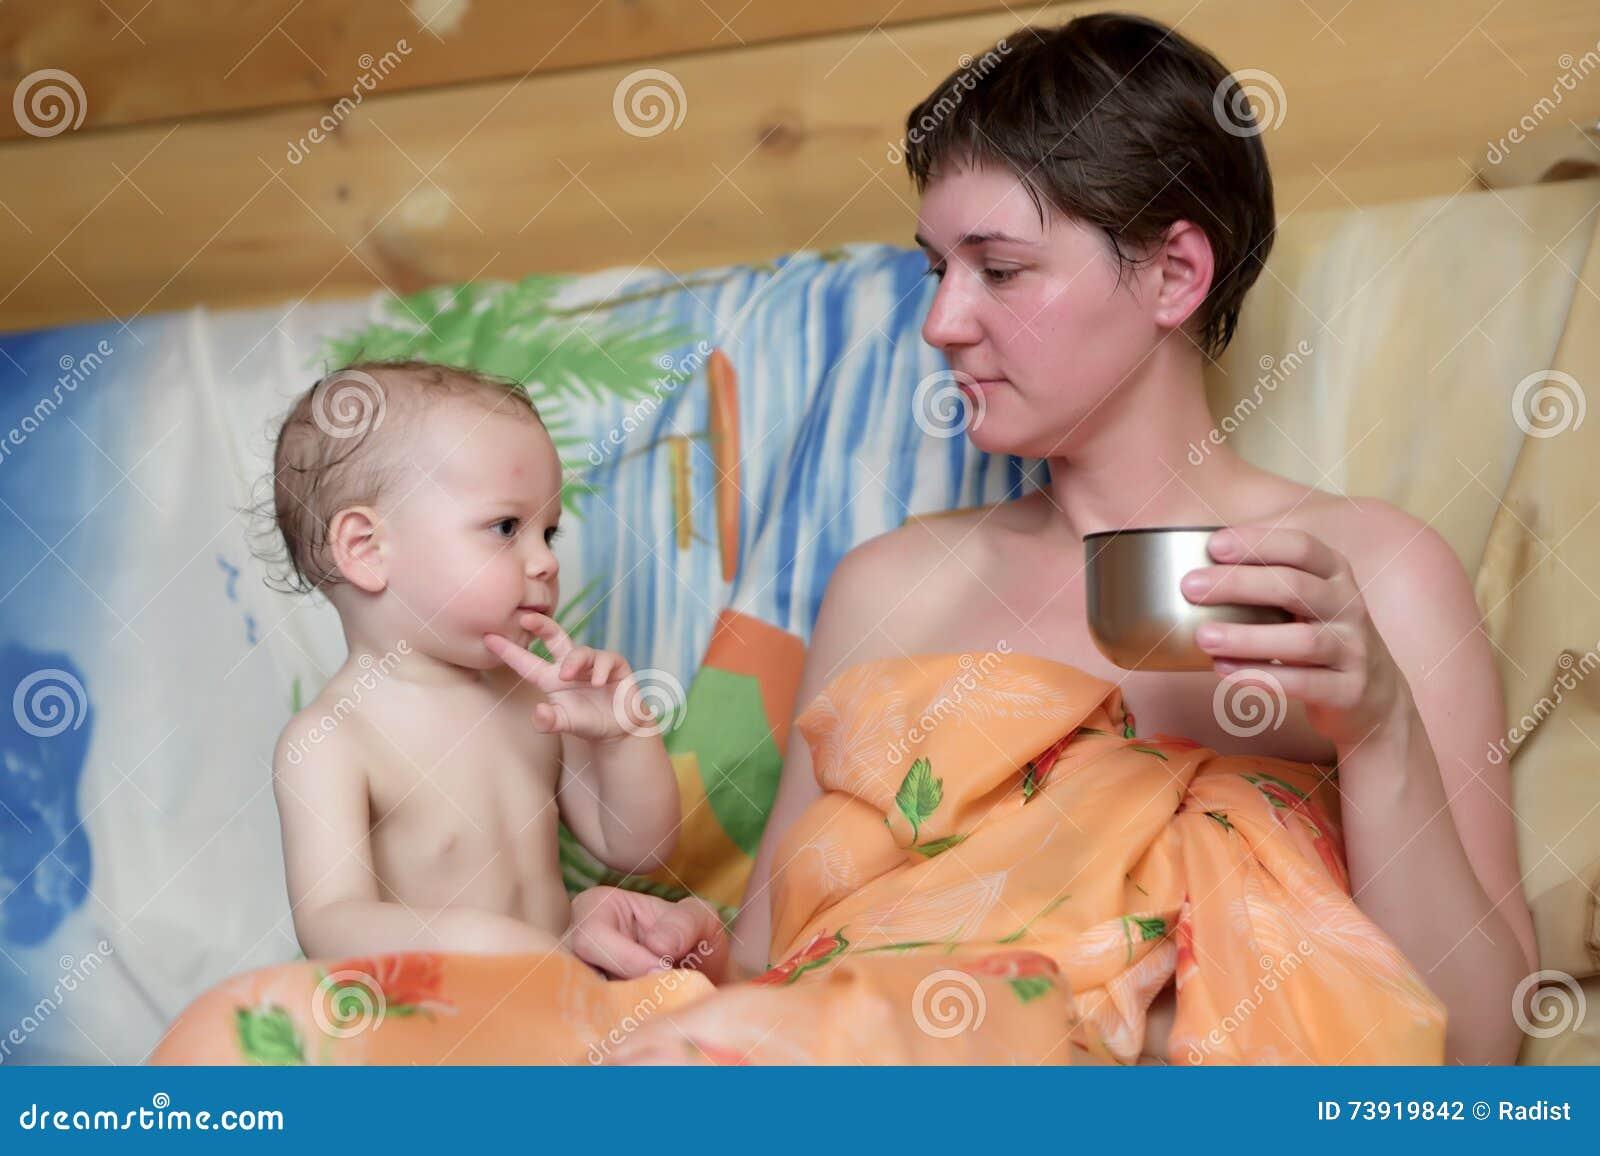 Смотреть онлайн с мамой в бане, В бане с мамой - 62 видео. Смотреть в бане с мамой 24 фотография